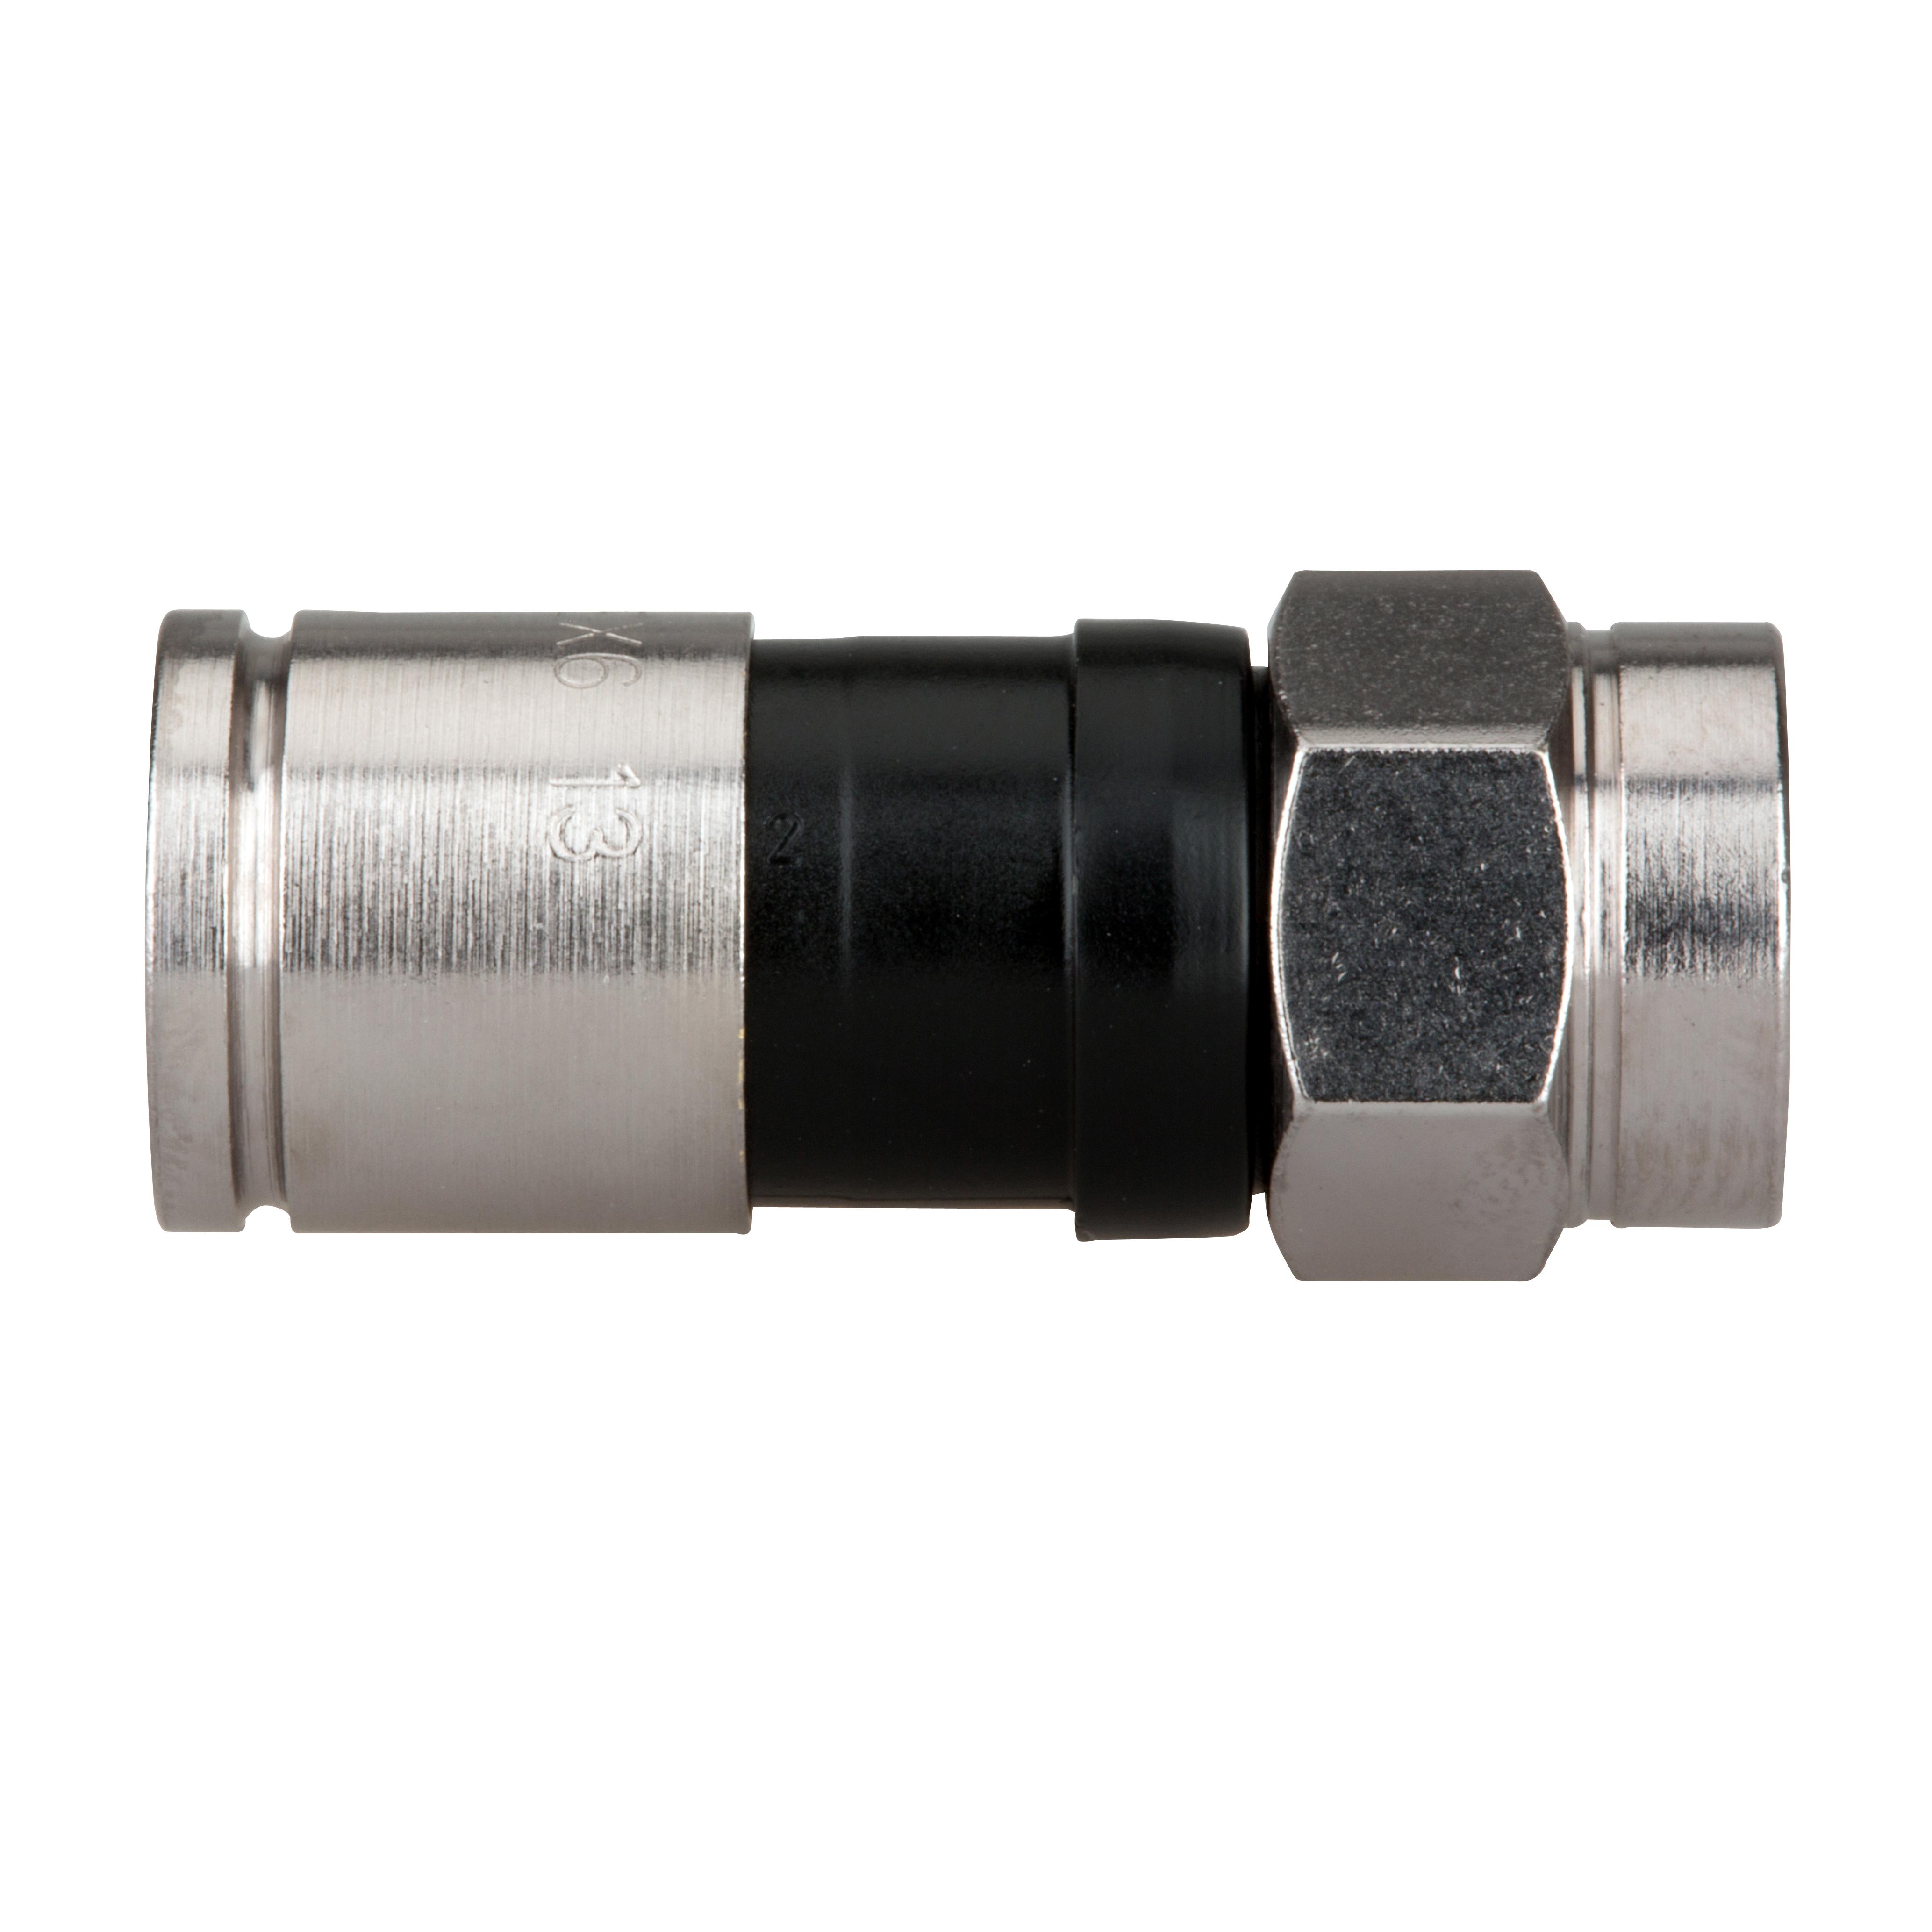 1 Stk SAT Koax F-Stecker Kompression für DIGI-SAT 3000, 3030, 3040 XC16004983